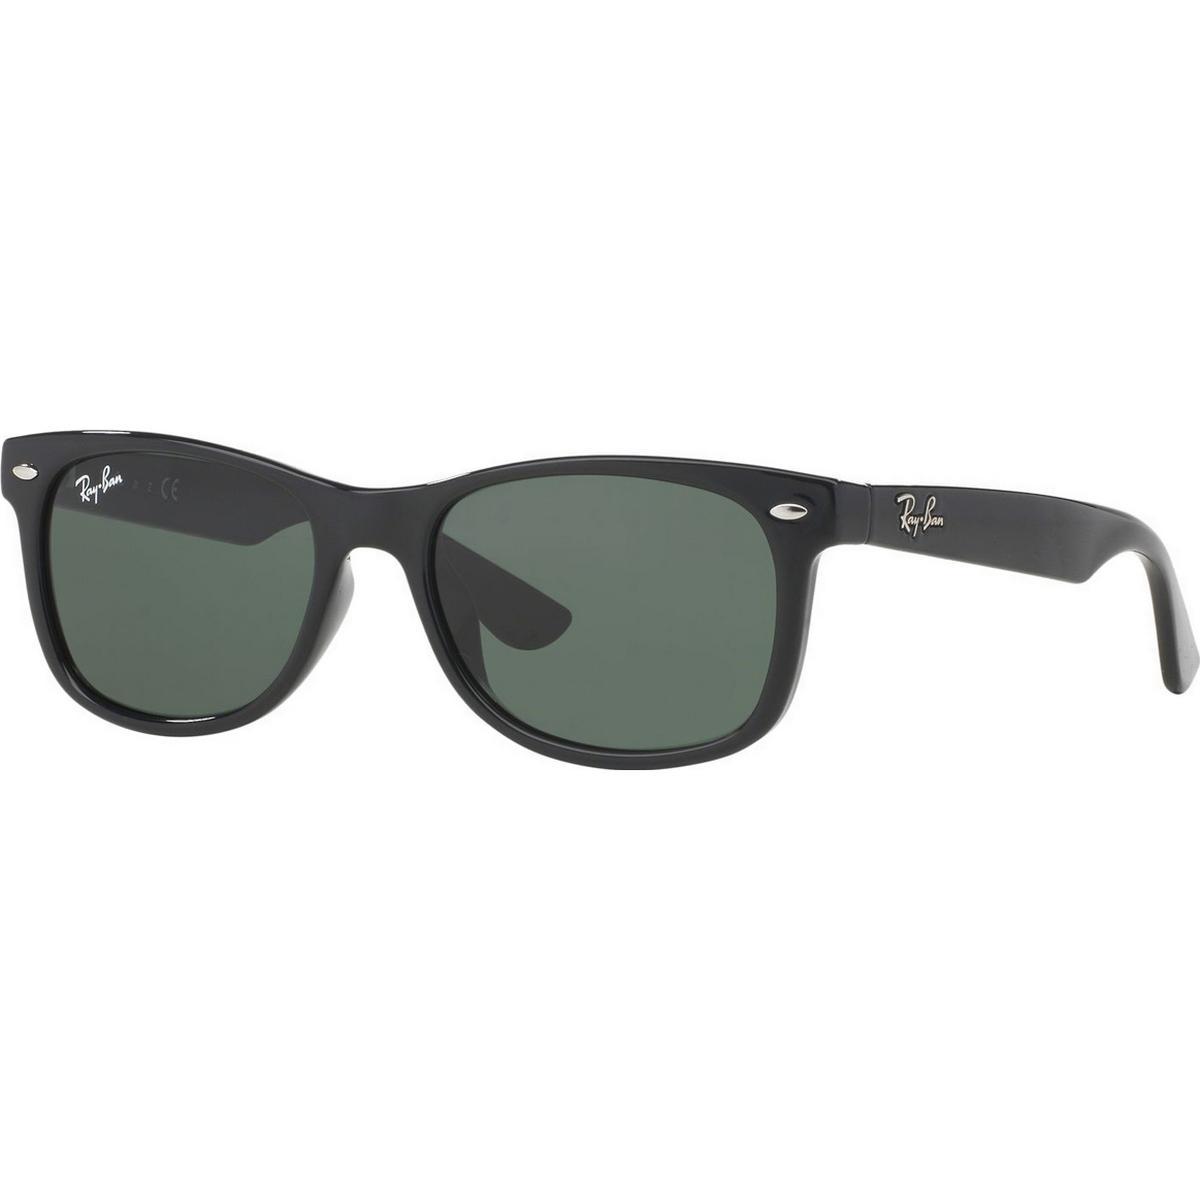 Ray ban solbriller junior • Find billigste pris hos